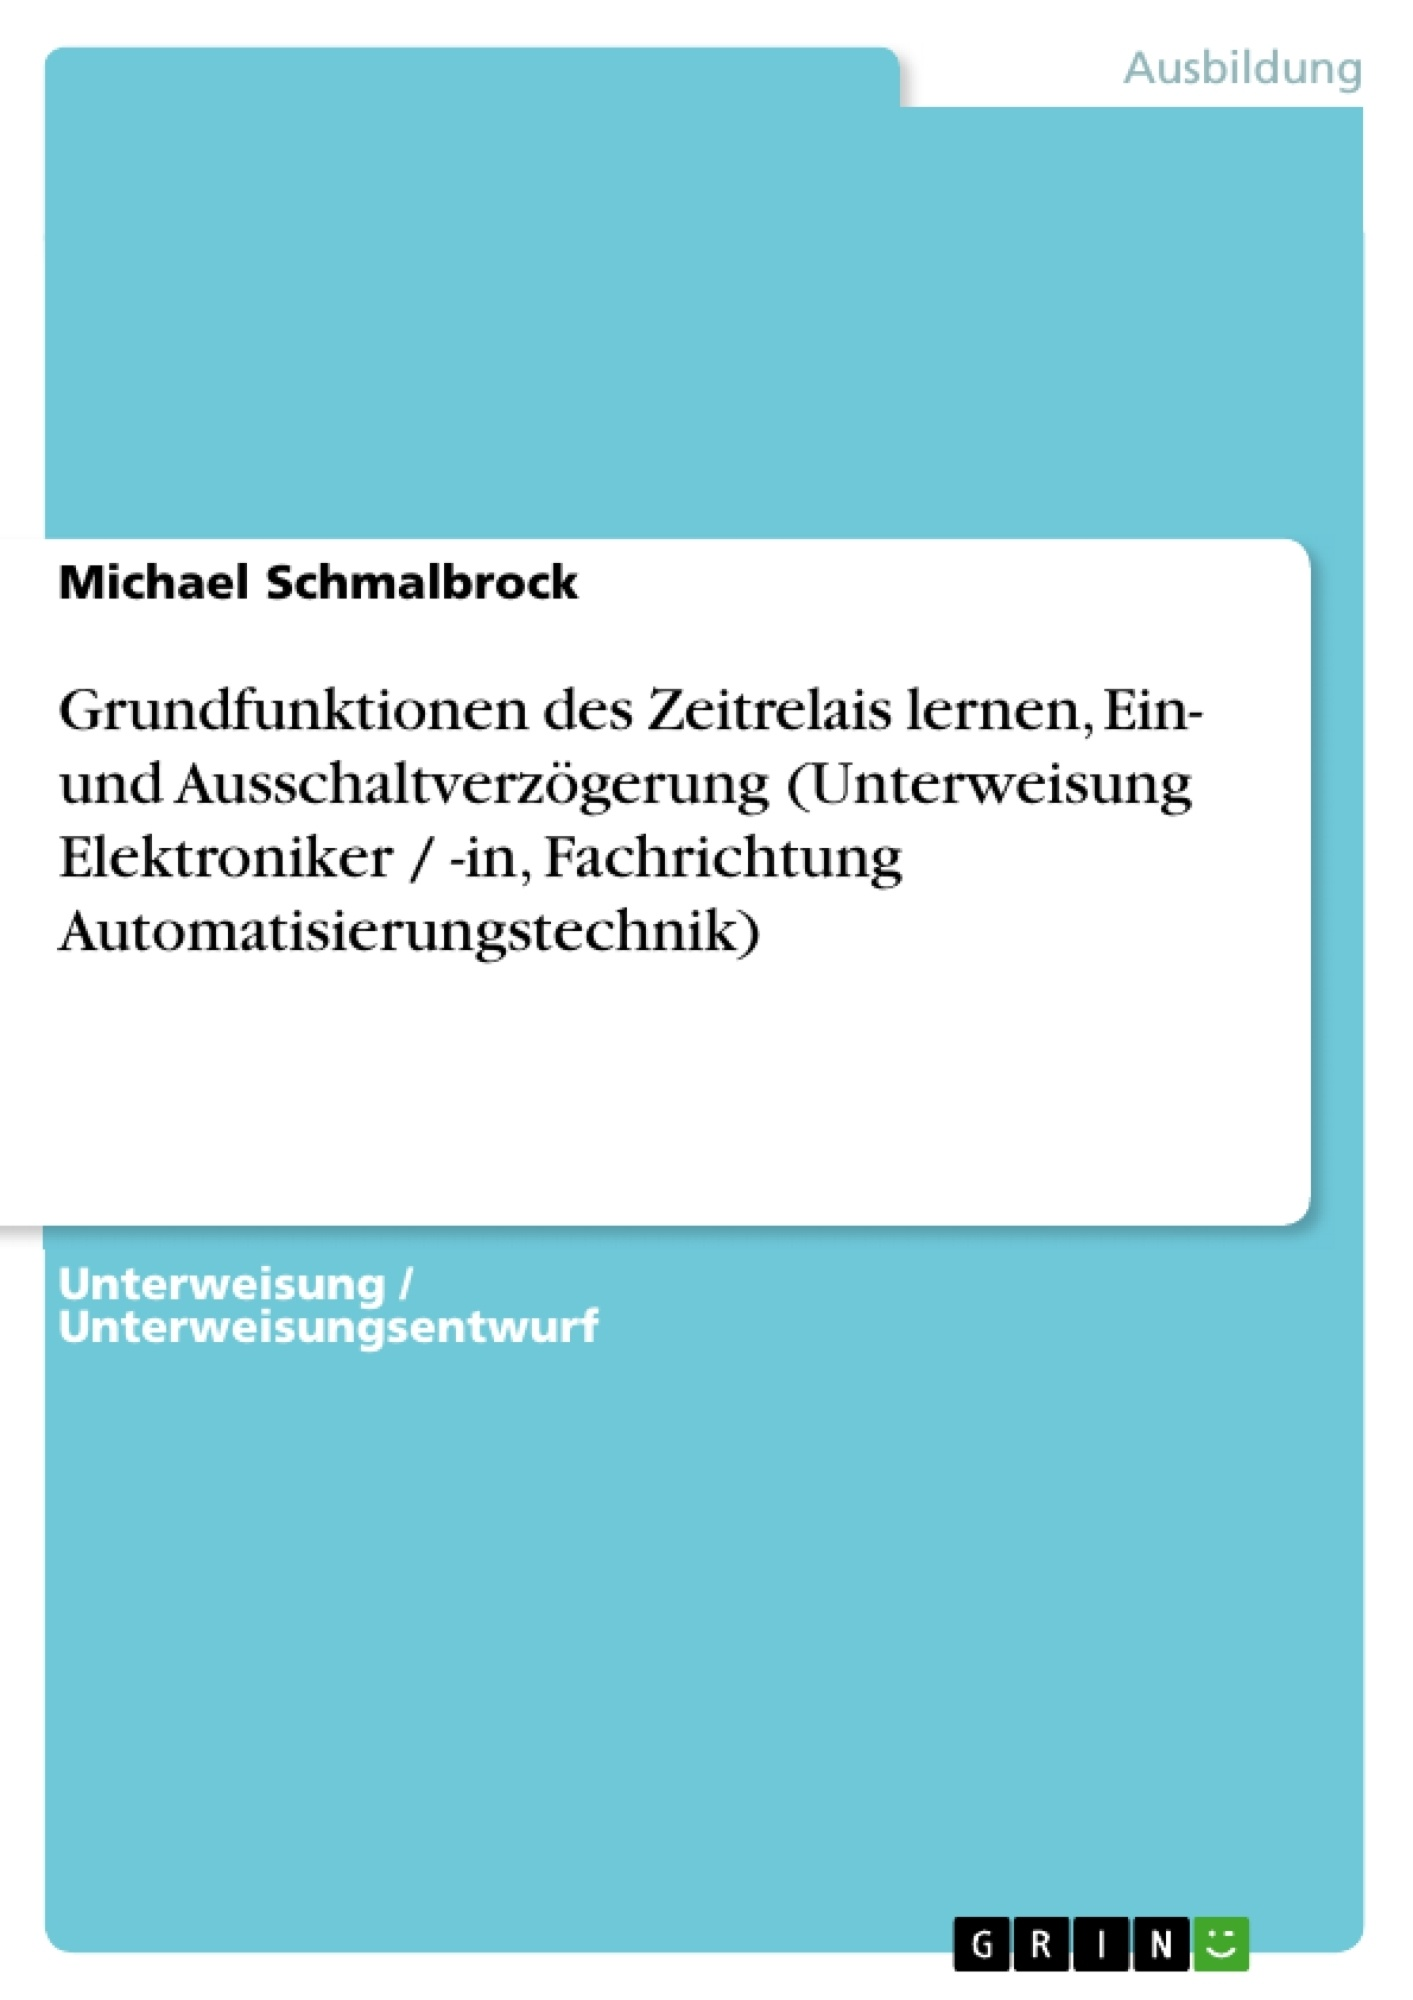 Titel: Grundfunktionen des Zeitrelais lernen, Ein- und Ausschaltverzögerung (Unterweisung Elektroniker / -in, Fachrichtung Automatisierungstechnik)